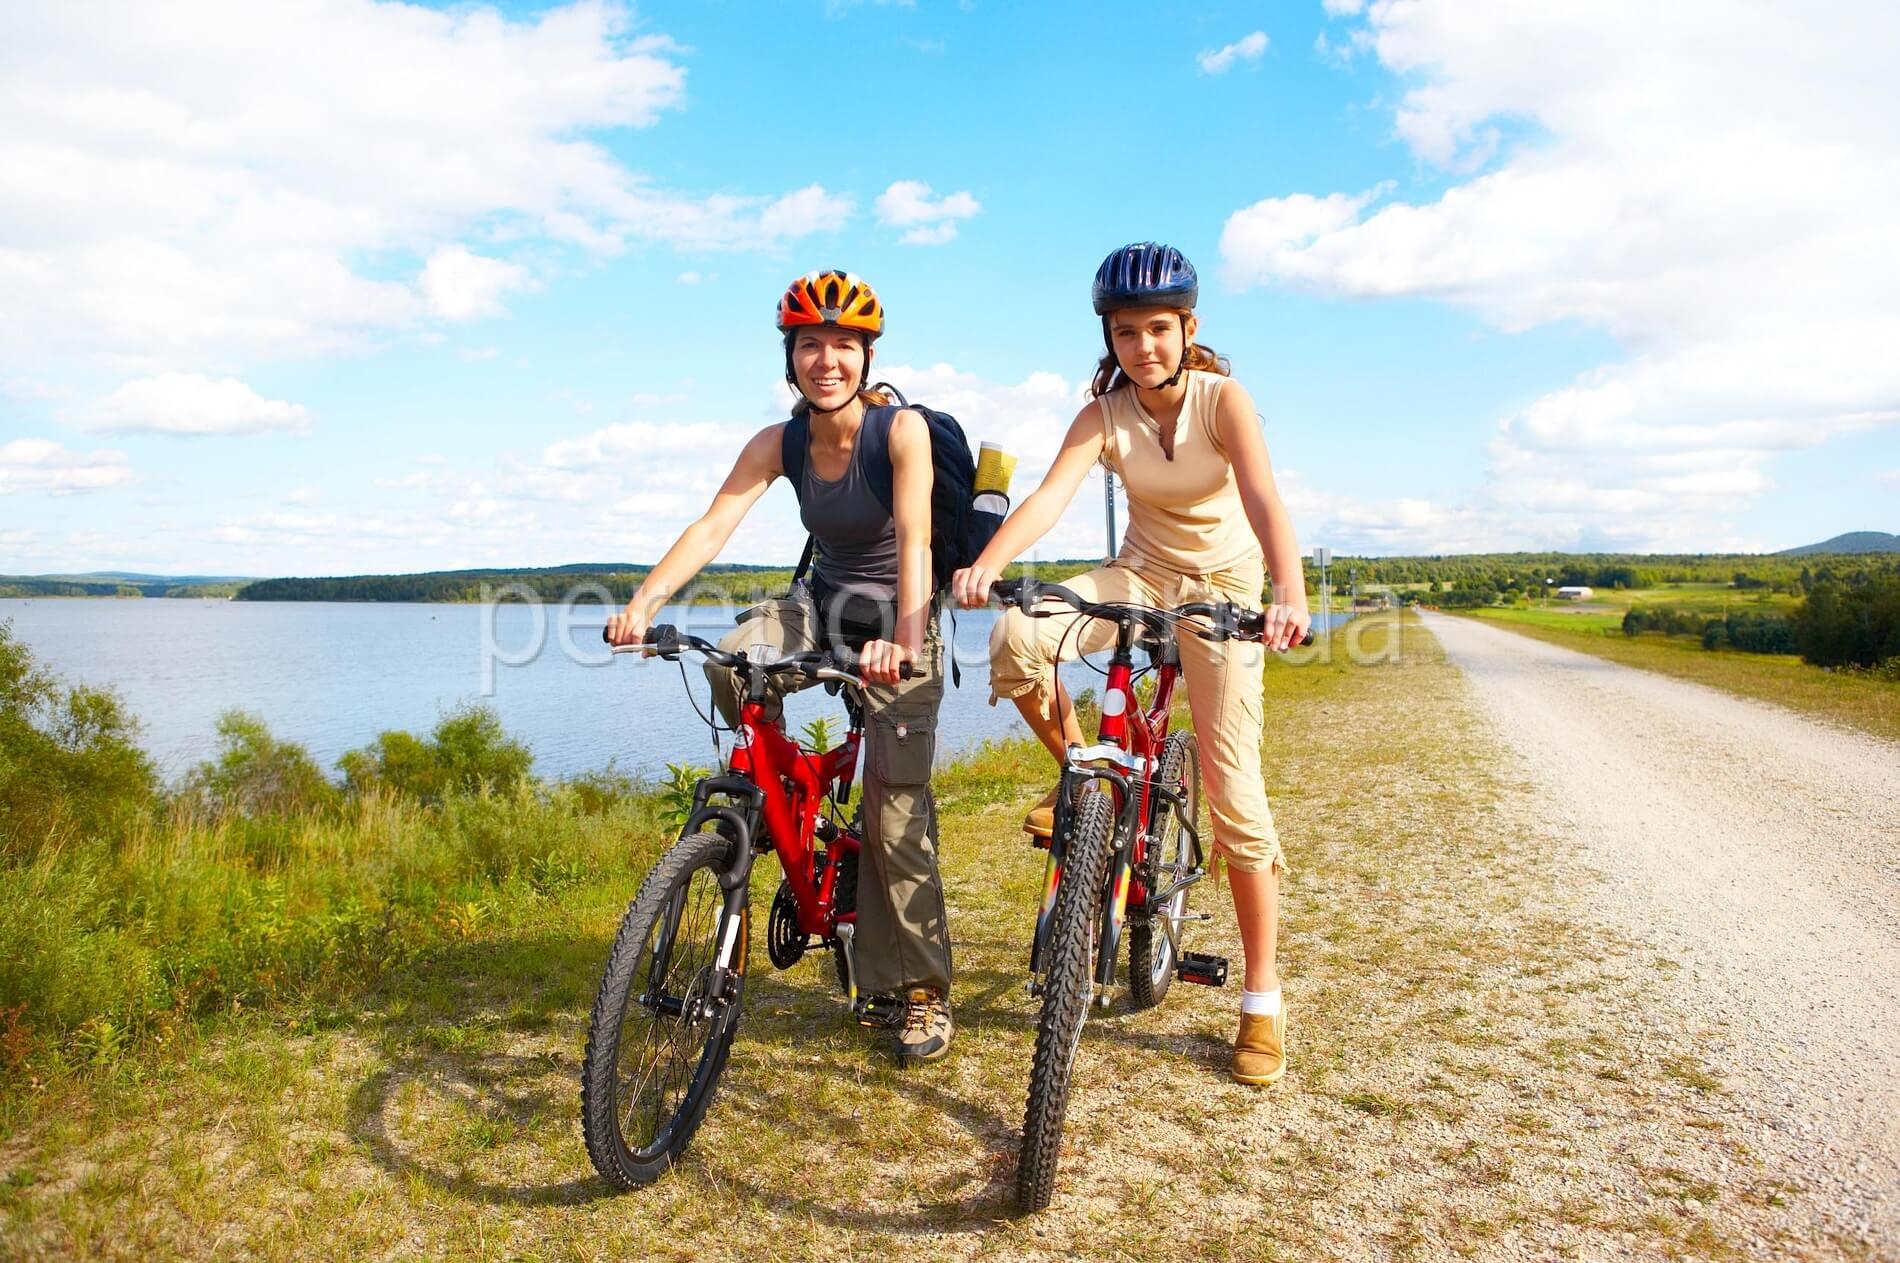 правила безопасного активного отдыха в Одессе, активный отдых в Одессе, организовать активный отдых в Одессе, правила безопасности активного отдыха в Одессе